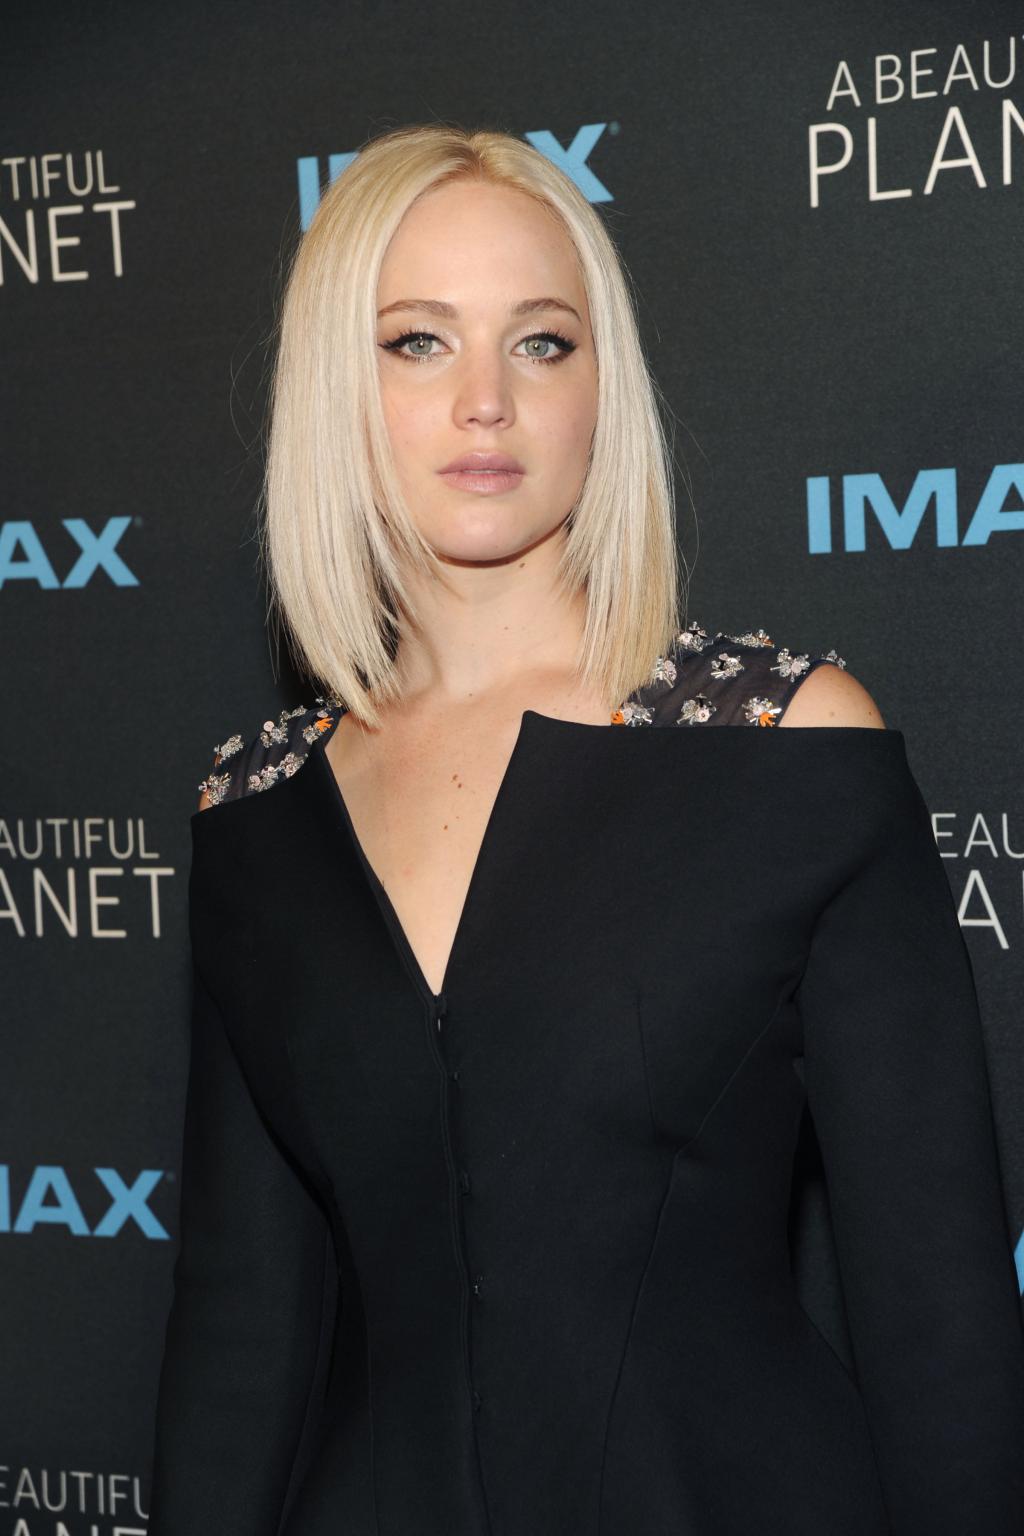 pourquoi il faut absolument bannir le blond platine - Coloration Blonde Platine